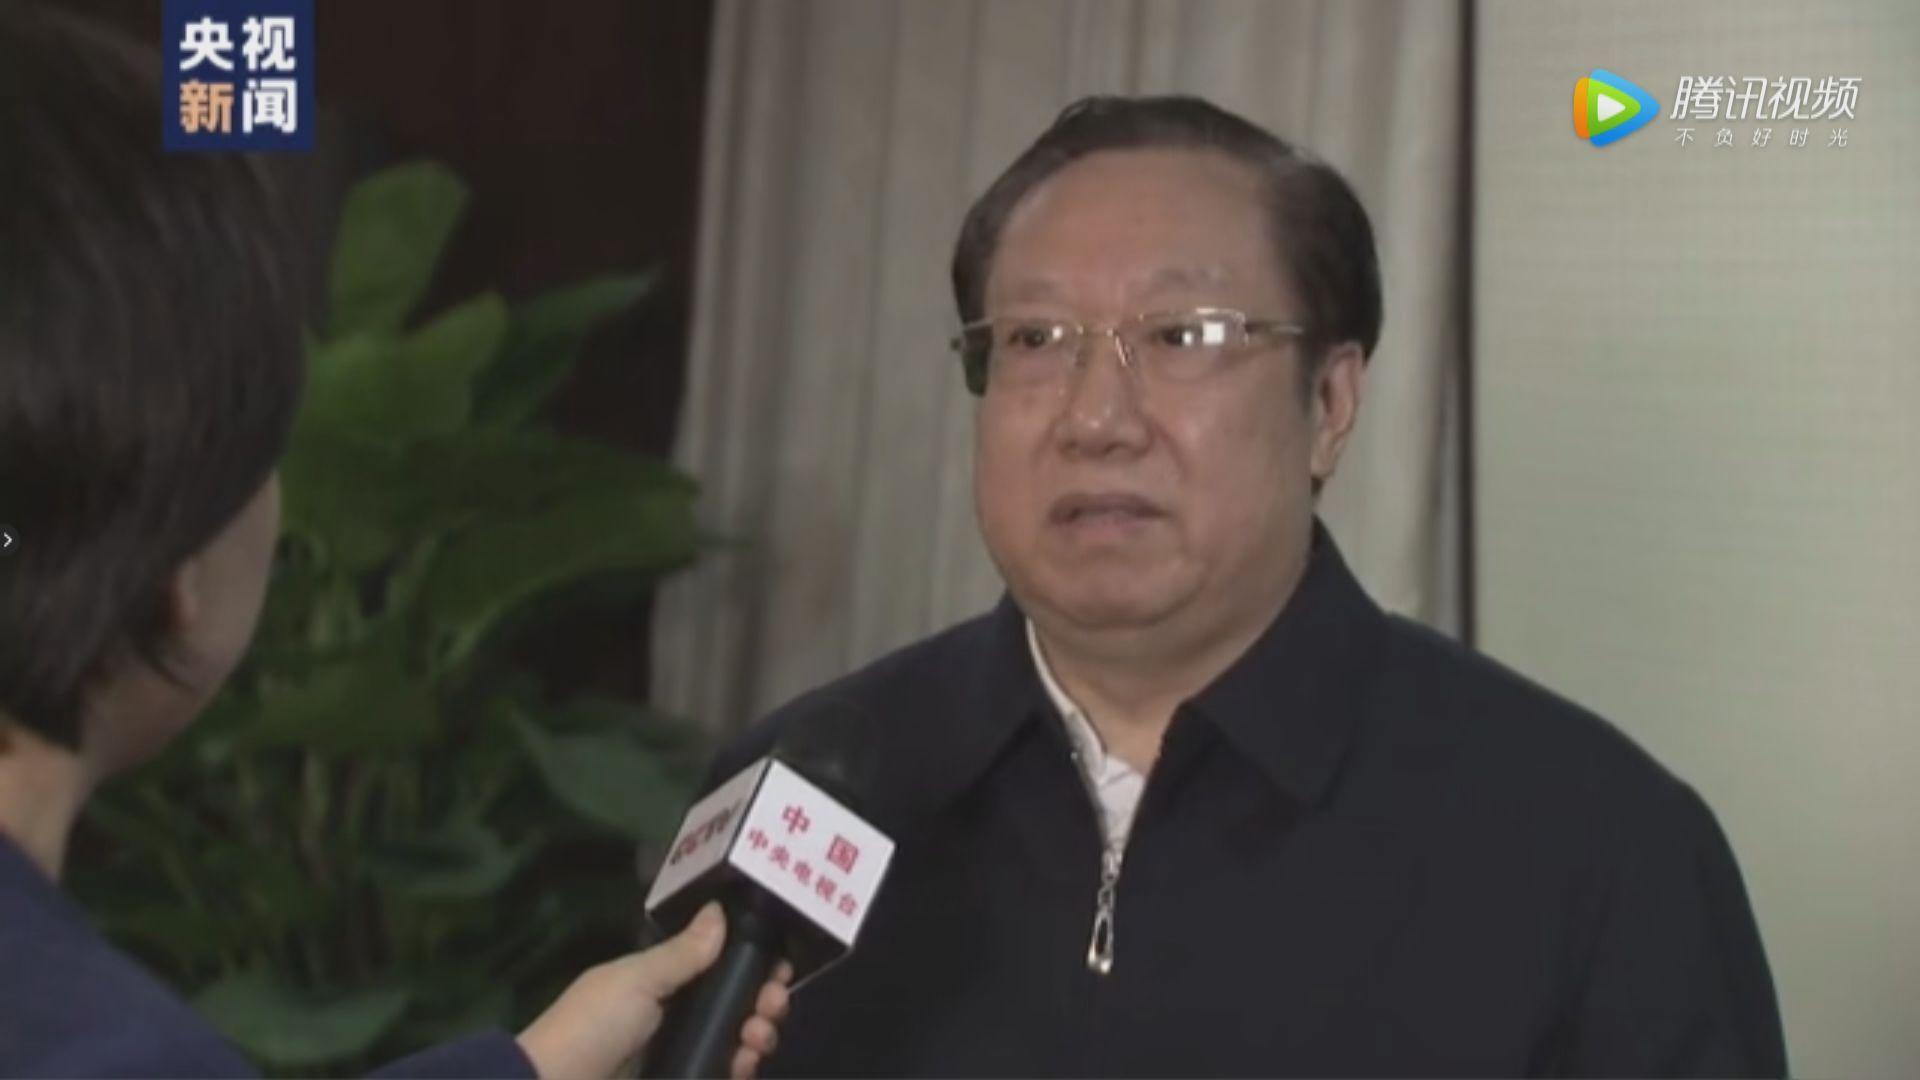 湖北省長:封城是非常艱難抉擇